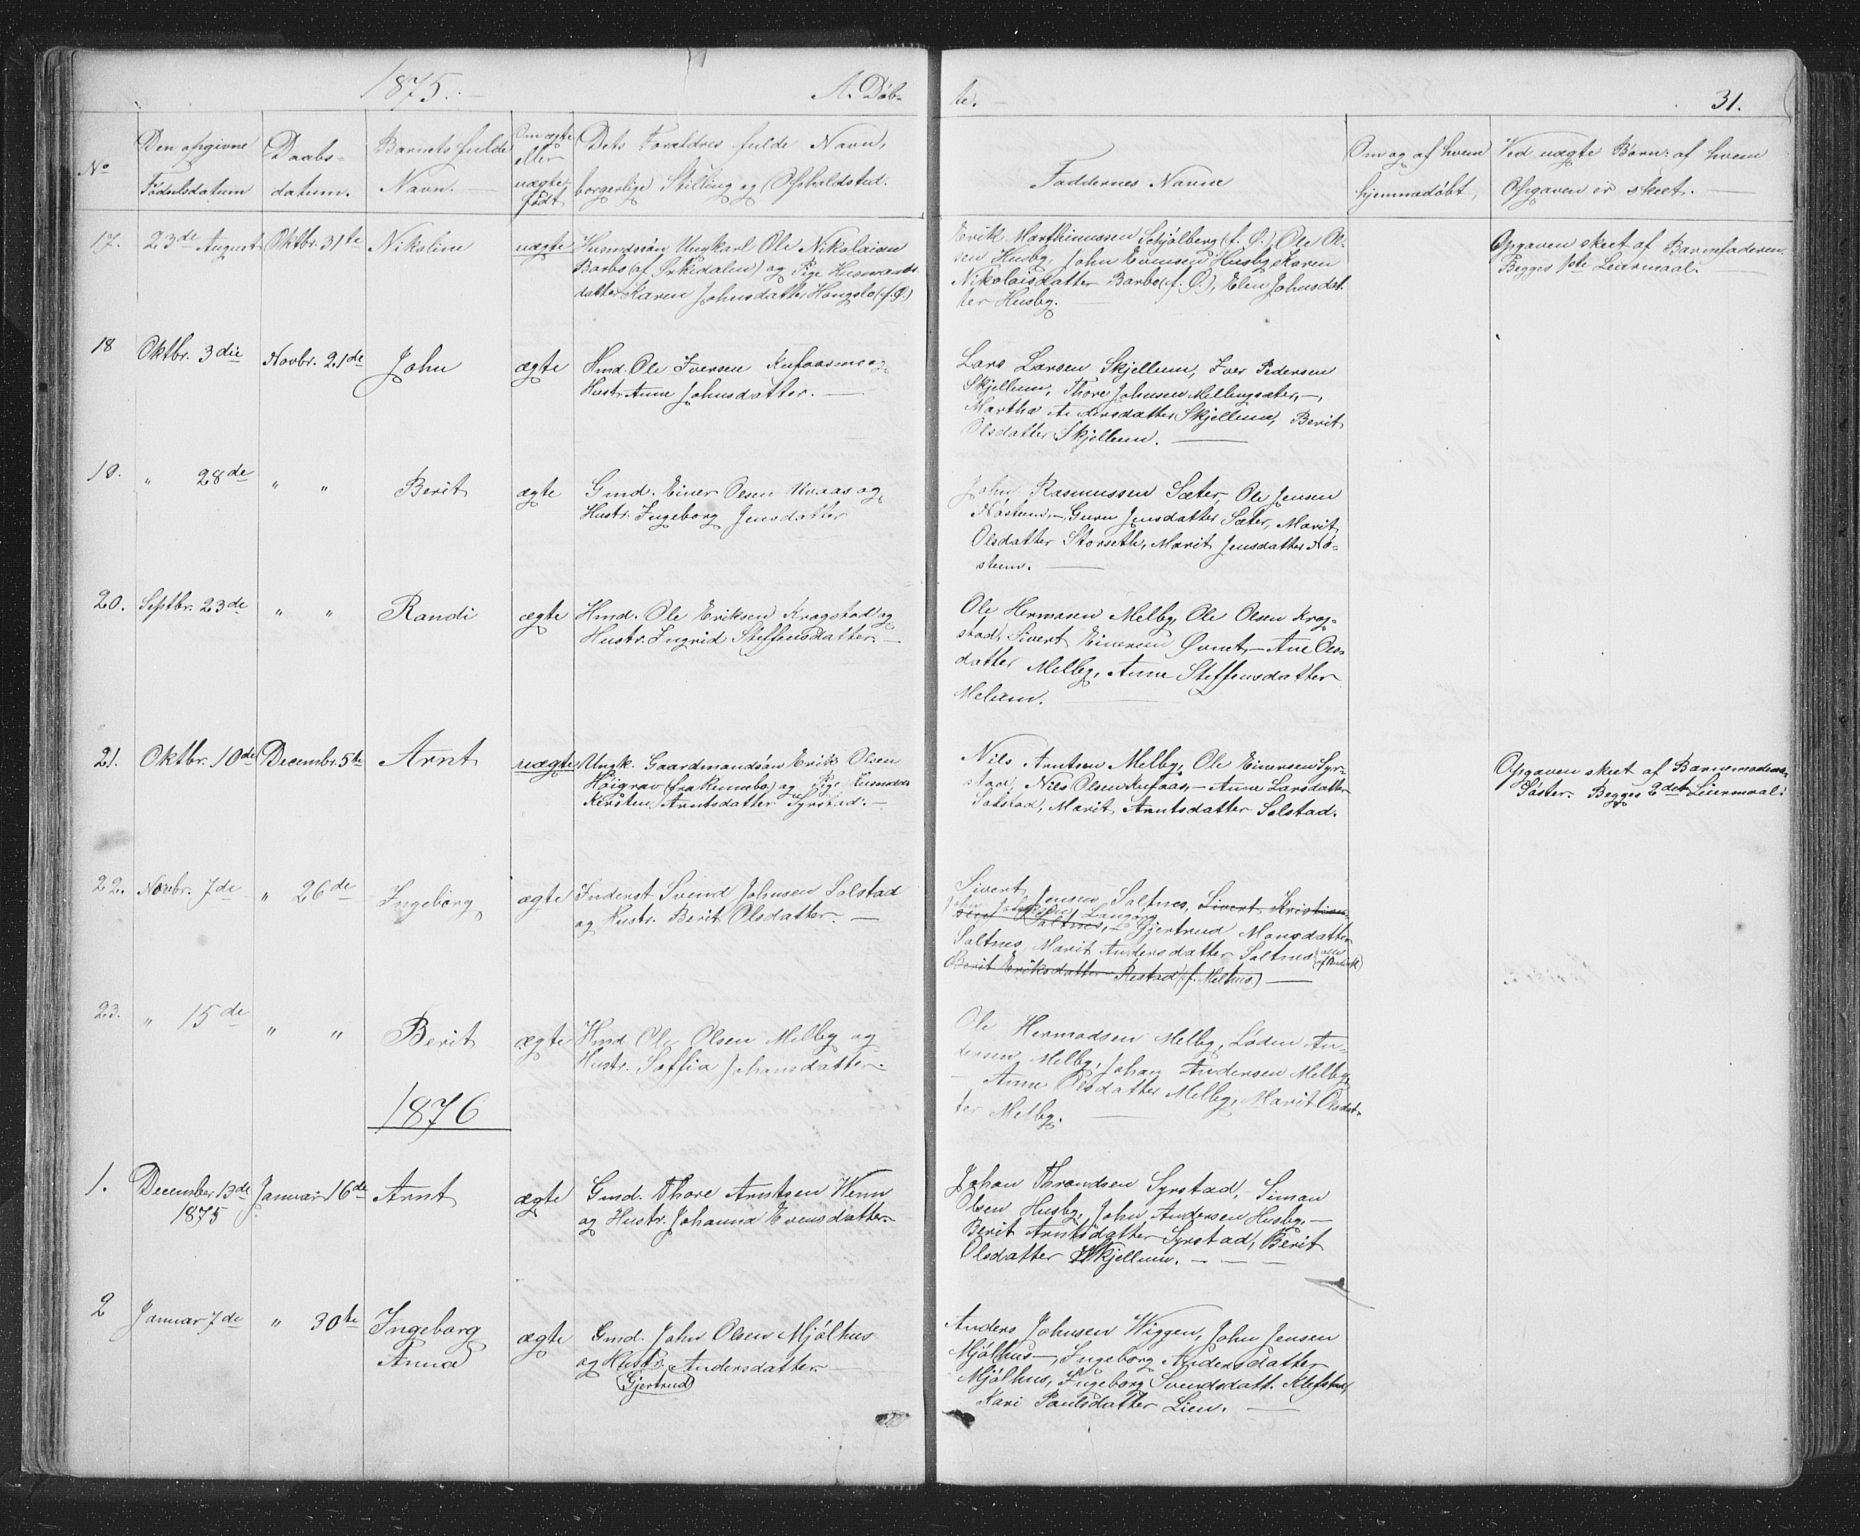 SAT, Ministerialprotokoller, klokkerbøker og fødselsregistre - Sør-Trøndelag, 667/L0798: Klokkerbok nr. 667C03, 1867-1929, s. 31